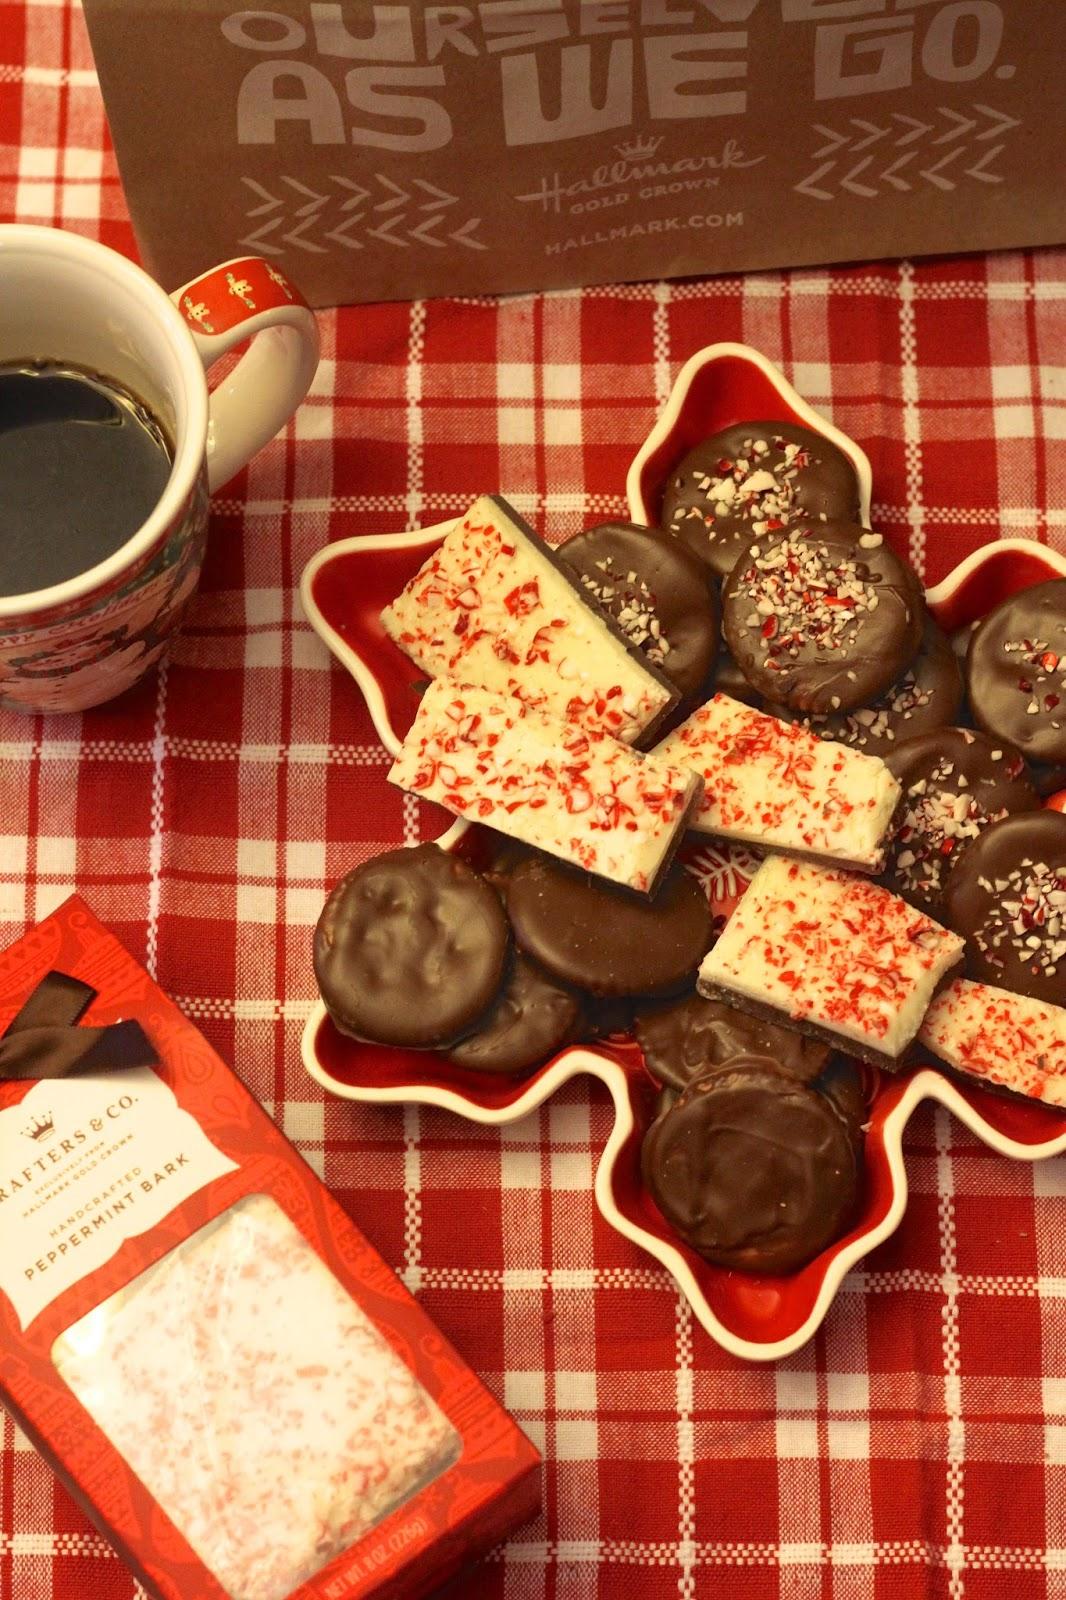 Kicking off Christmas with Hallmark + Cookies